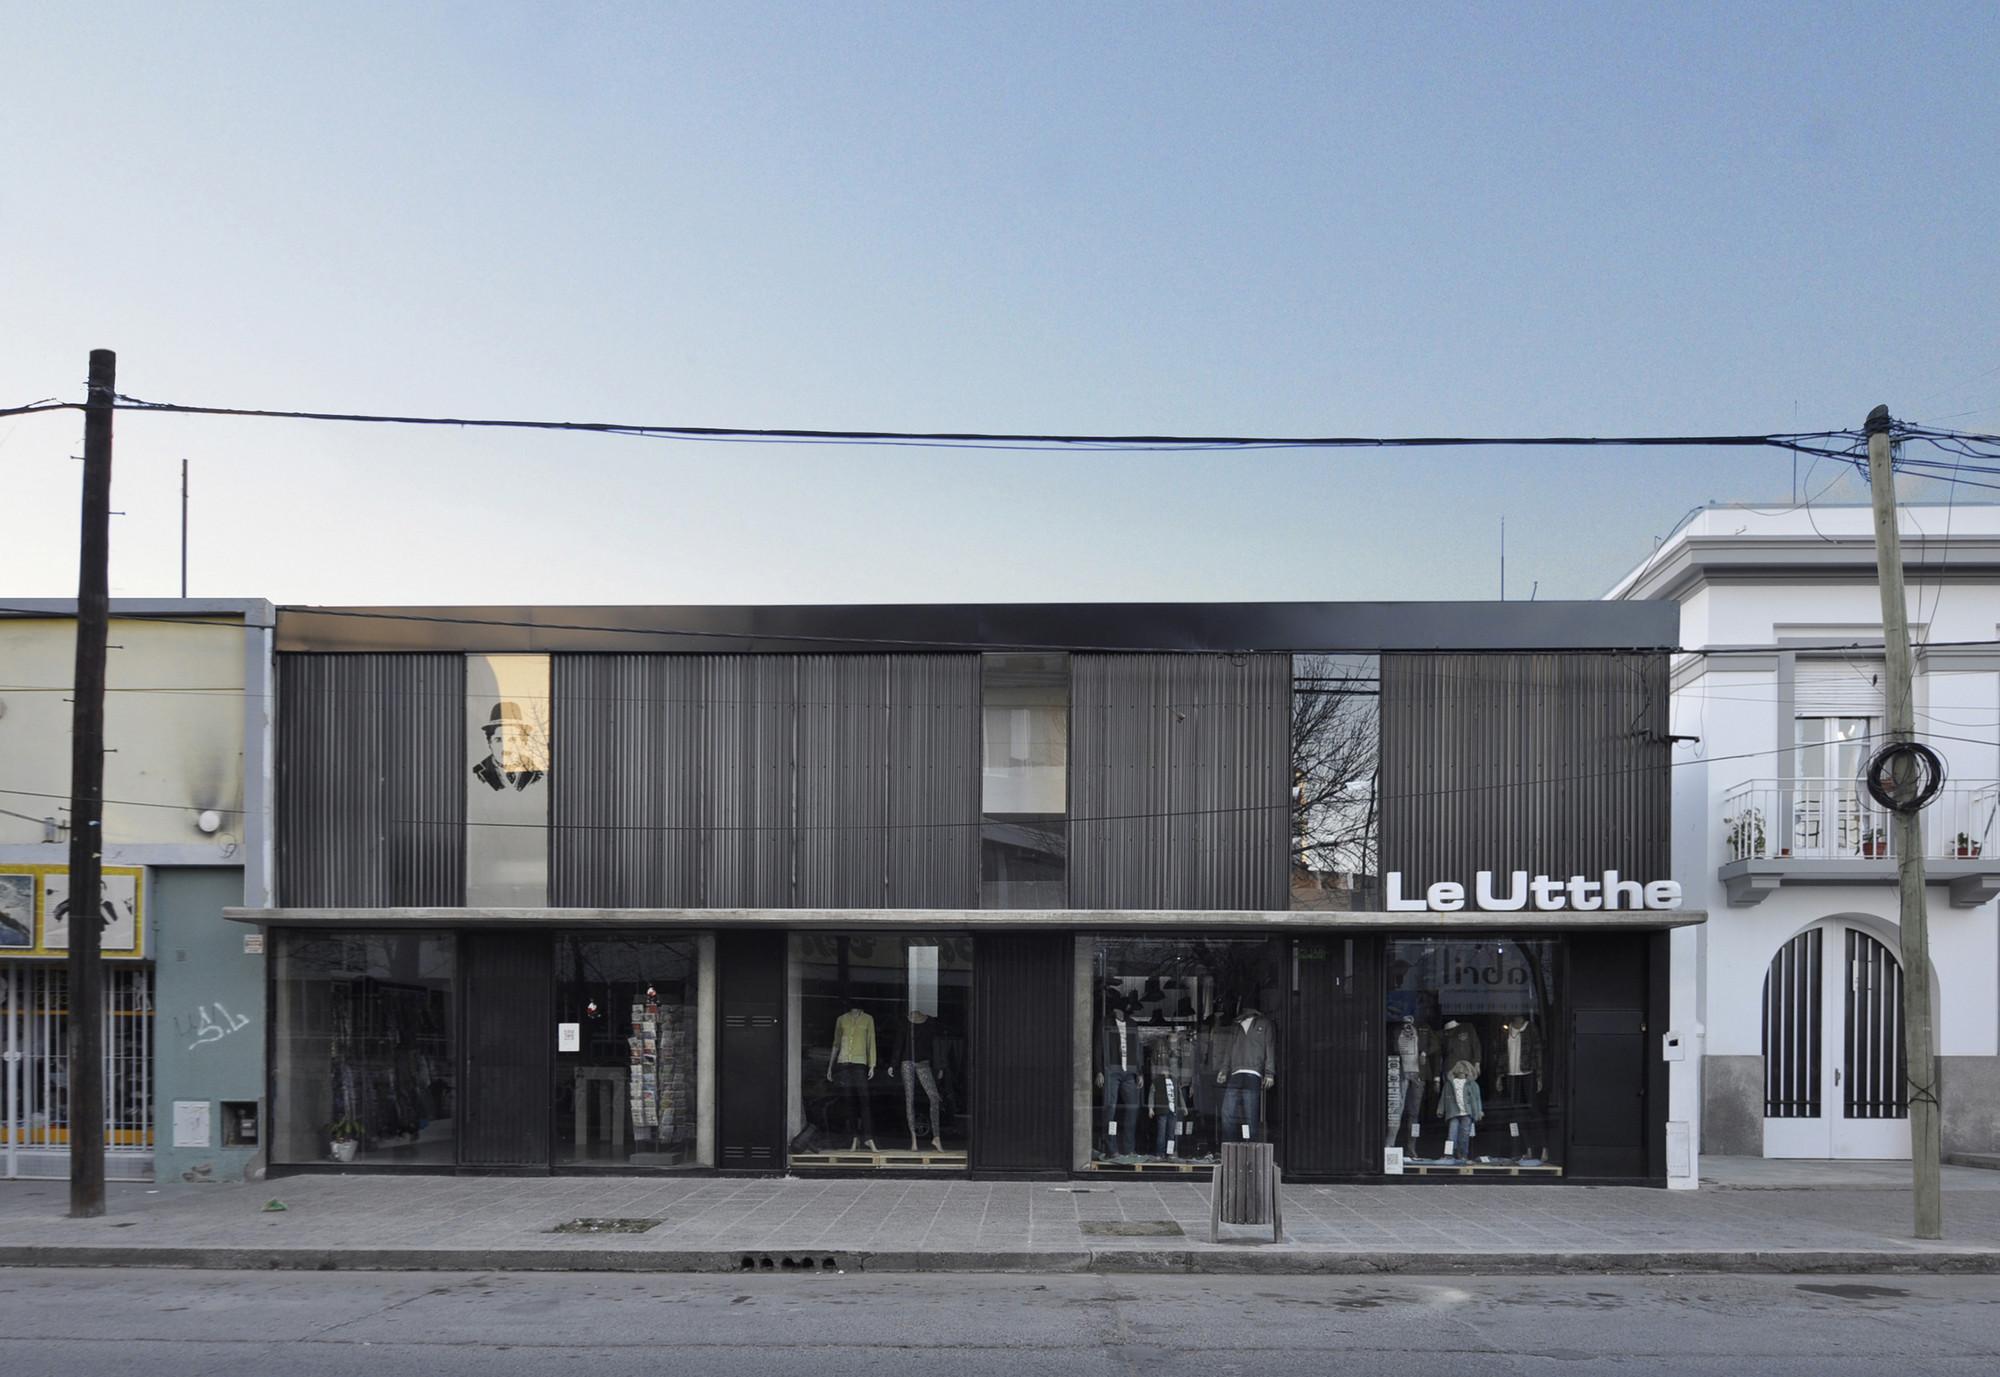 Locales Roca / BBC Arquitectos + Sol Loustaunau, © Manuel Ciarlotti